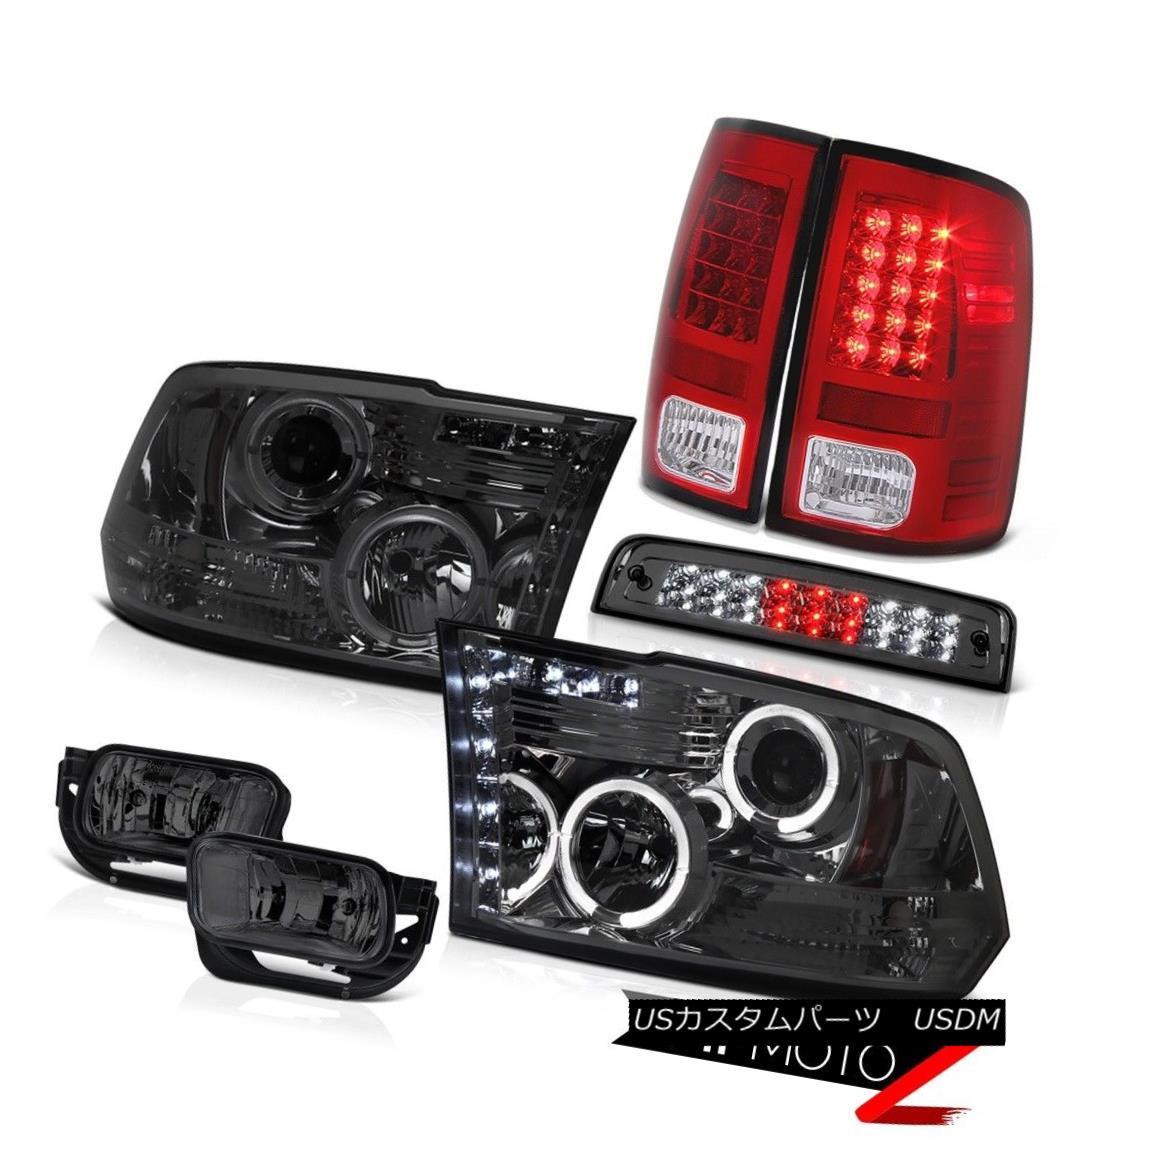 テールライト 09-13 Dodge Ram 1500 6.4L Foglamps 3RD Brake Lamp Red Taillamps Headlamps LED 09-13 Dodge Ram 1500 6.4L Foglamps 3RDブレーキランプレッドタイルランプヘッドランプLED